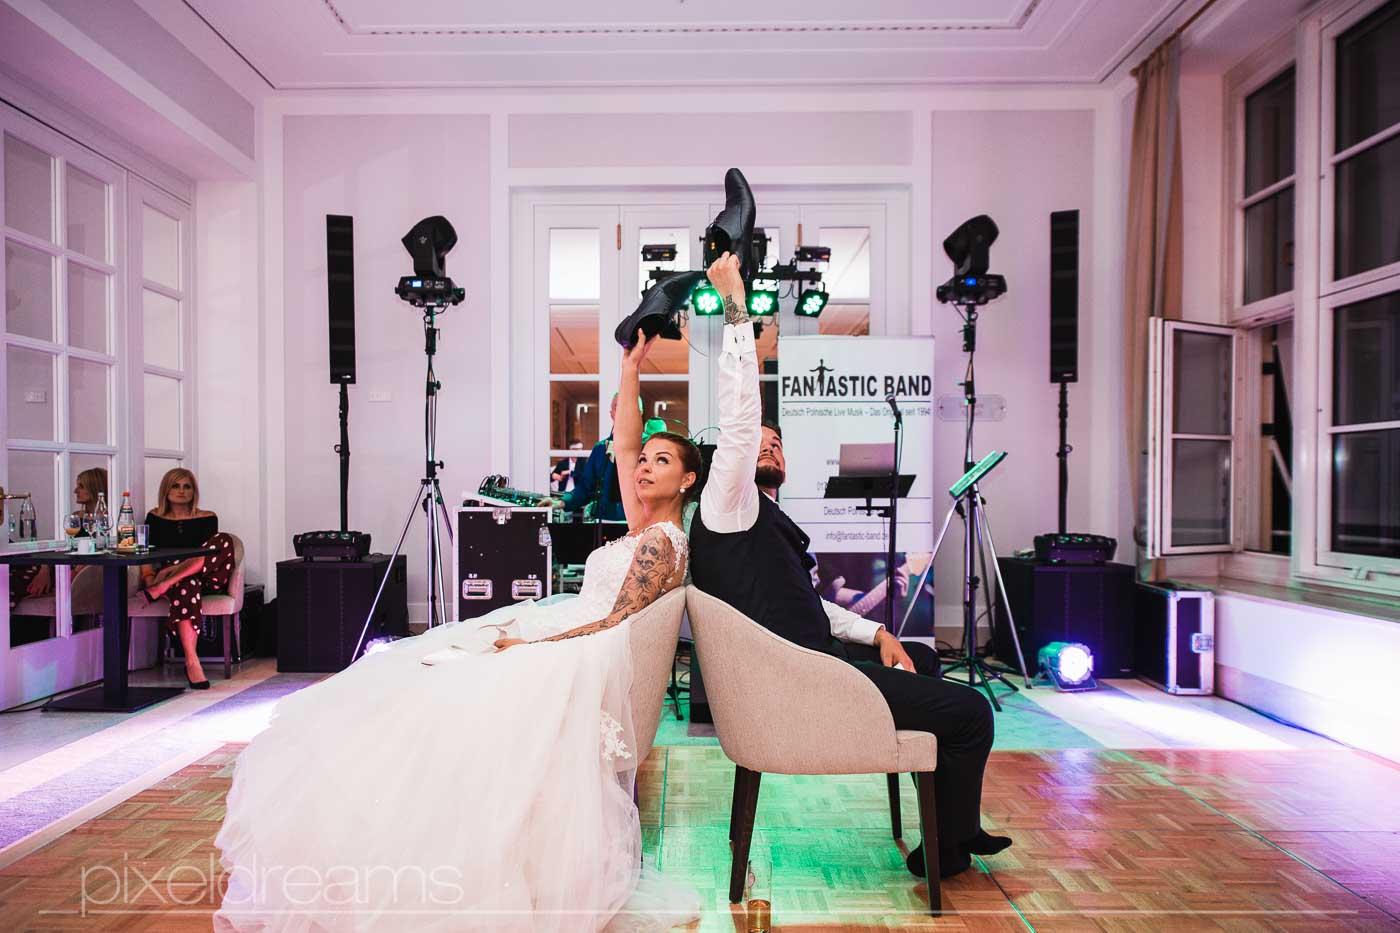 Hochzeitsspiel, Schuhe heben, der Ehetest, Polnische Band: Fantastic Band im Hintergrund.